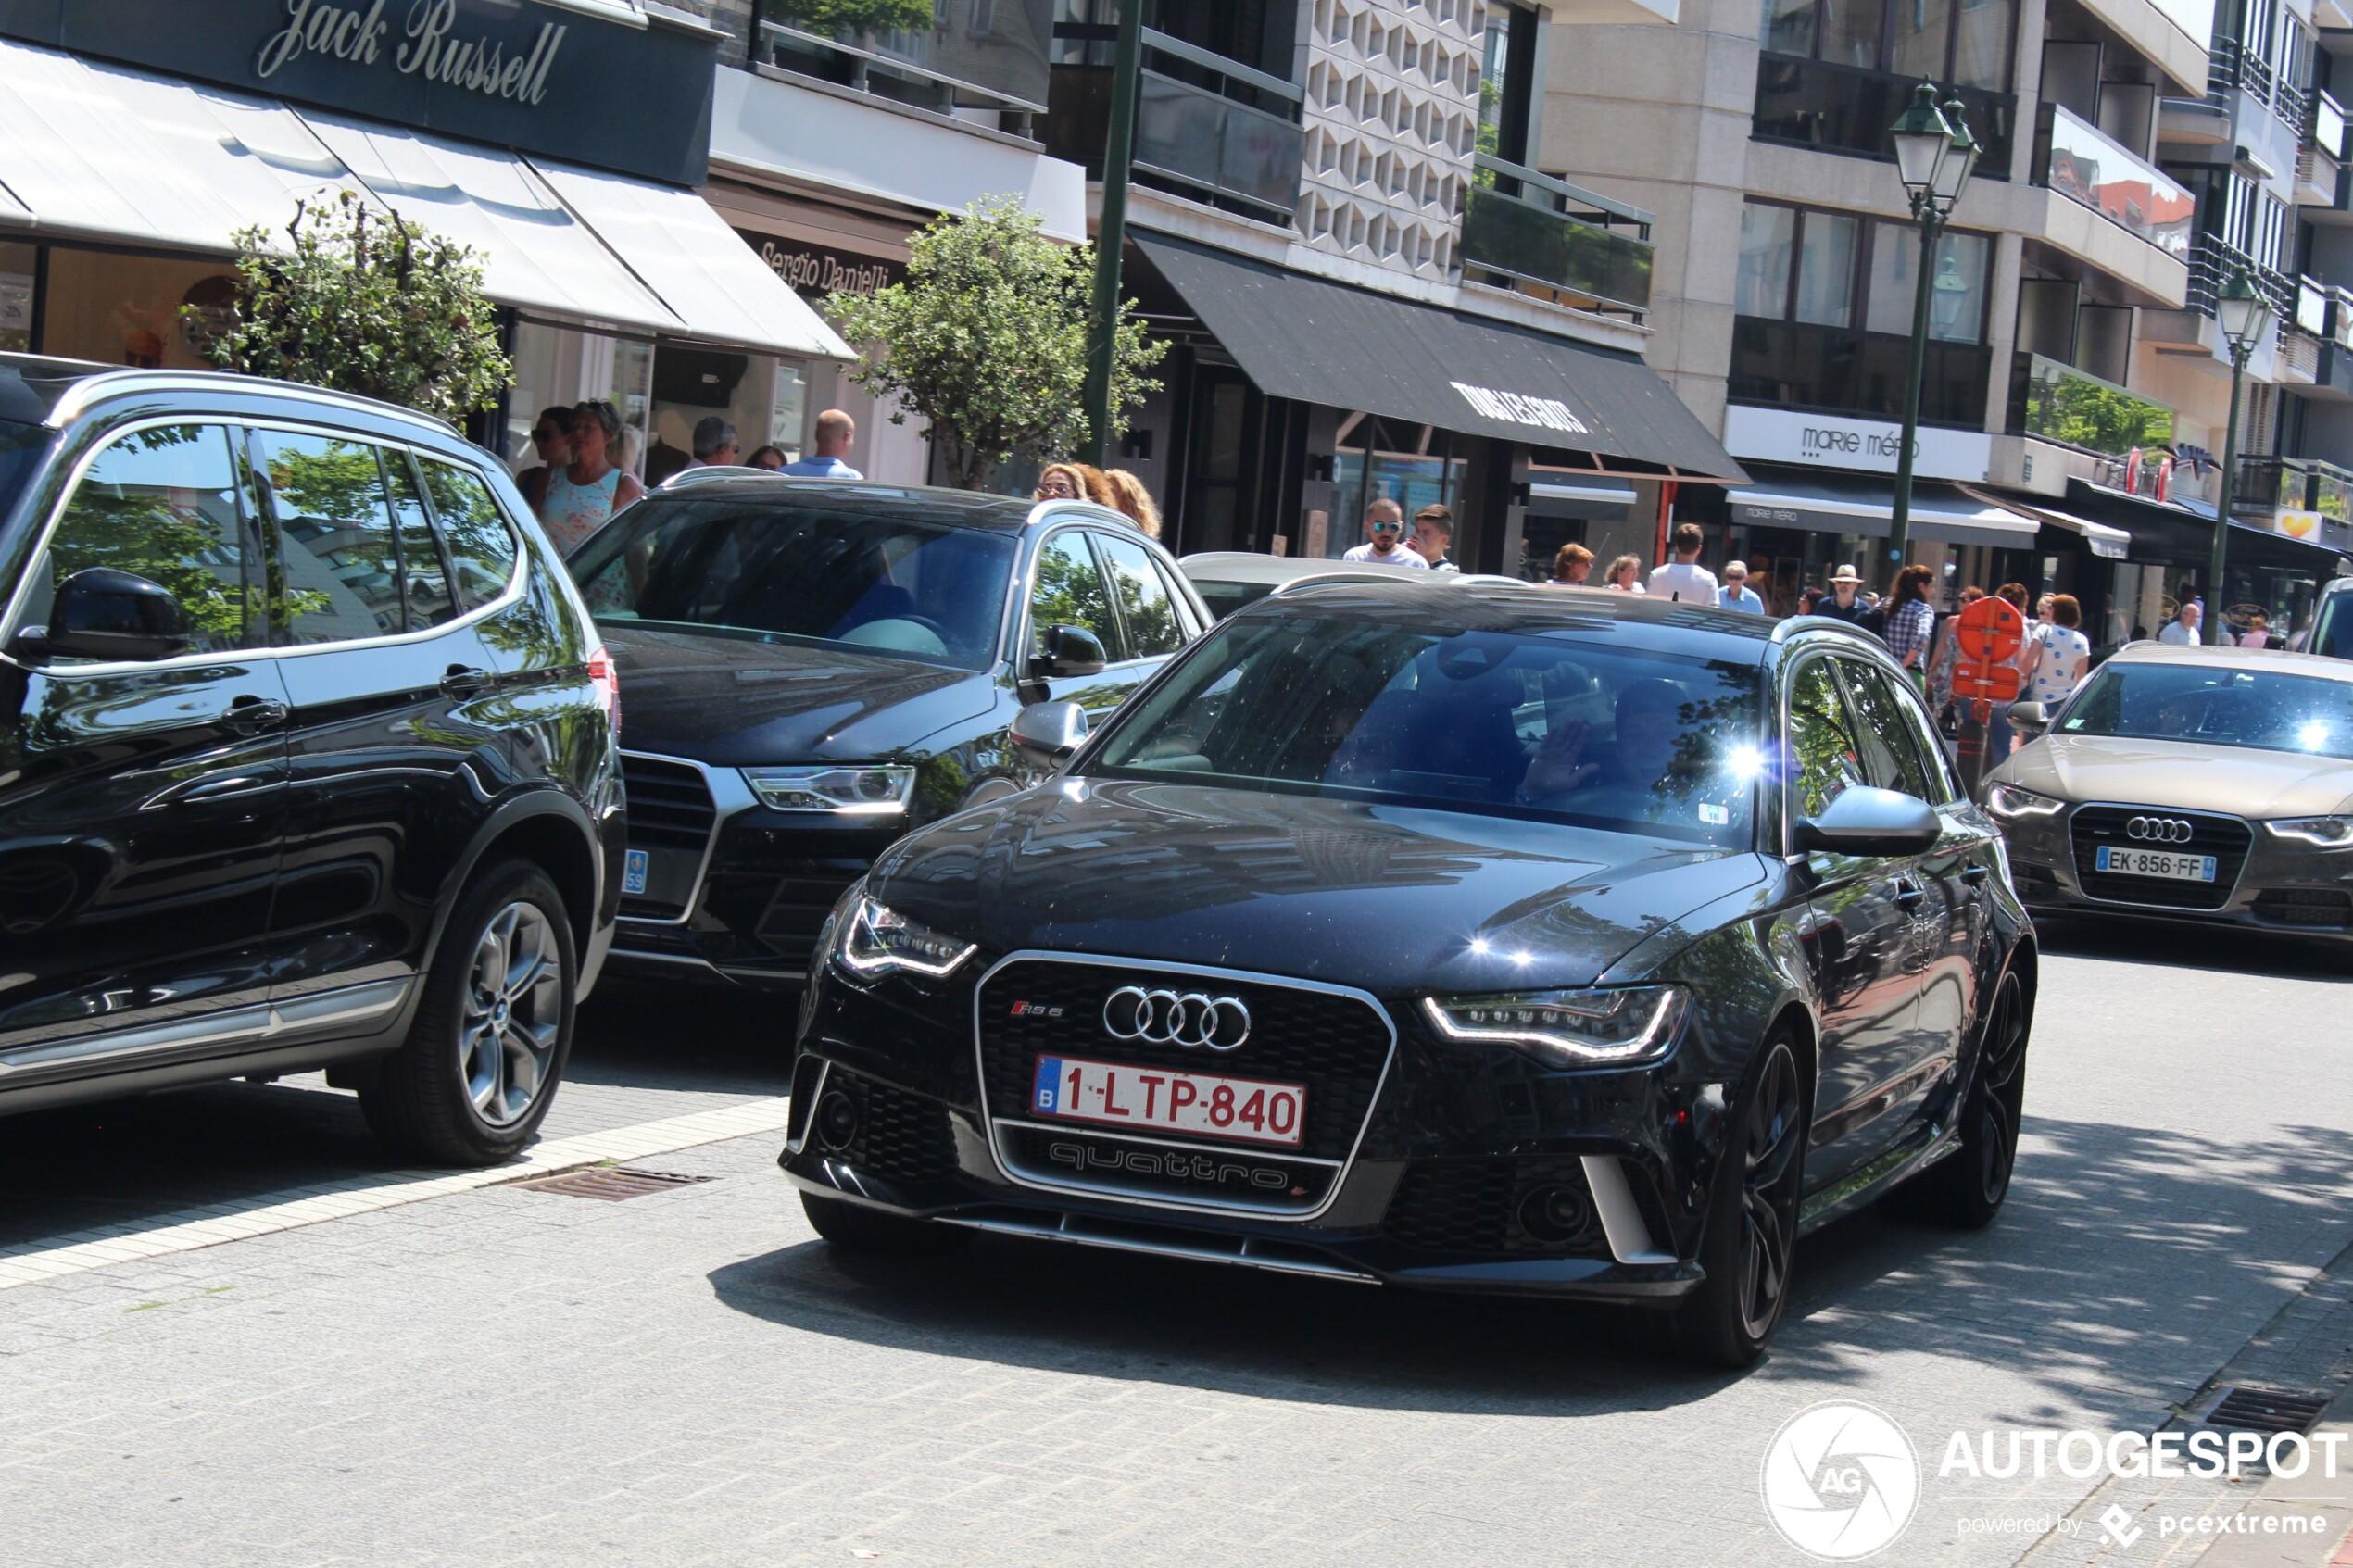 Audi RS6 Avant C7 - 8 april 2020 - Autogespot